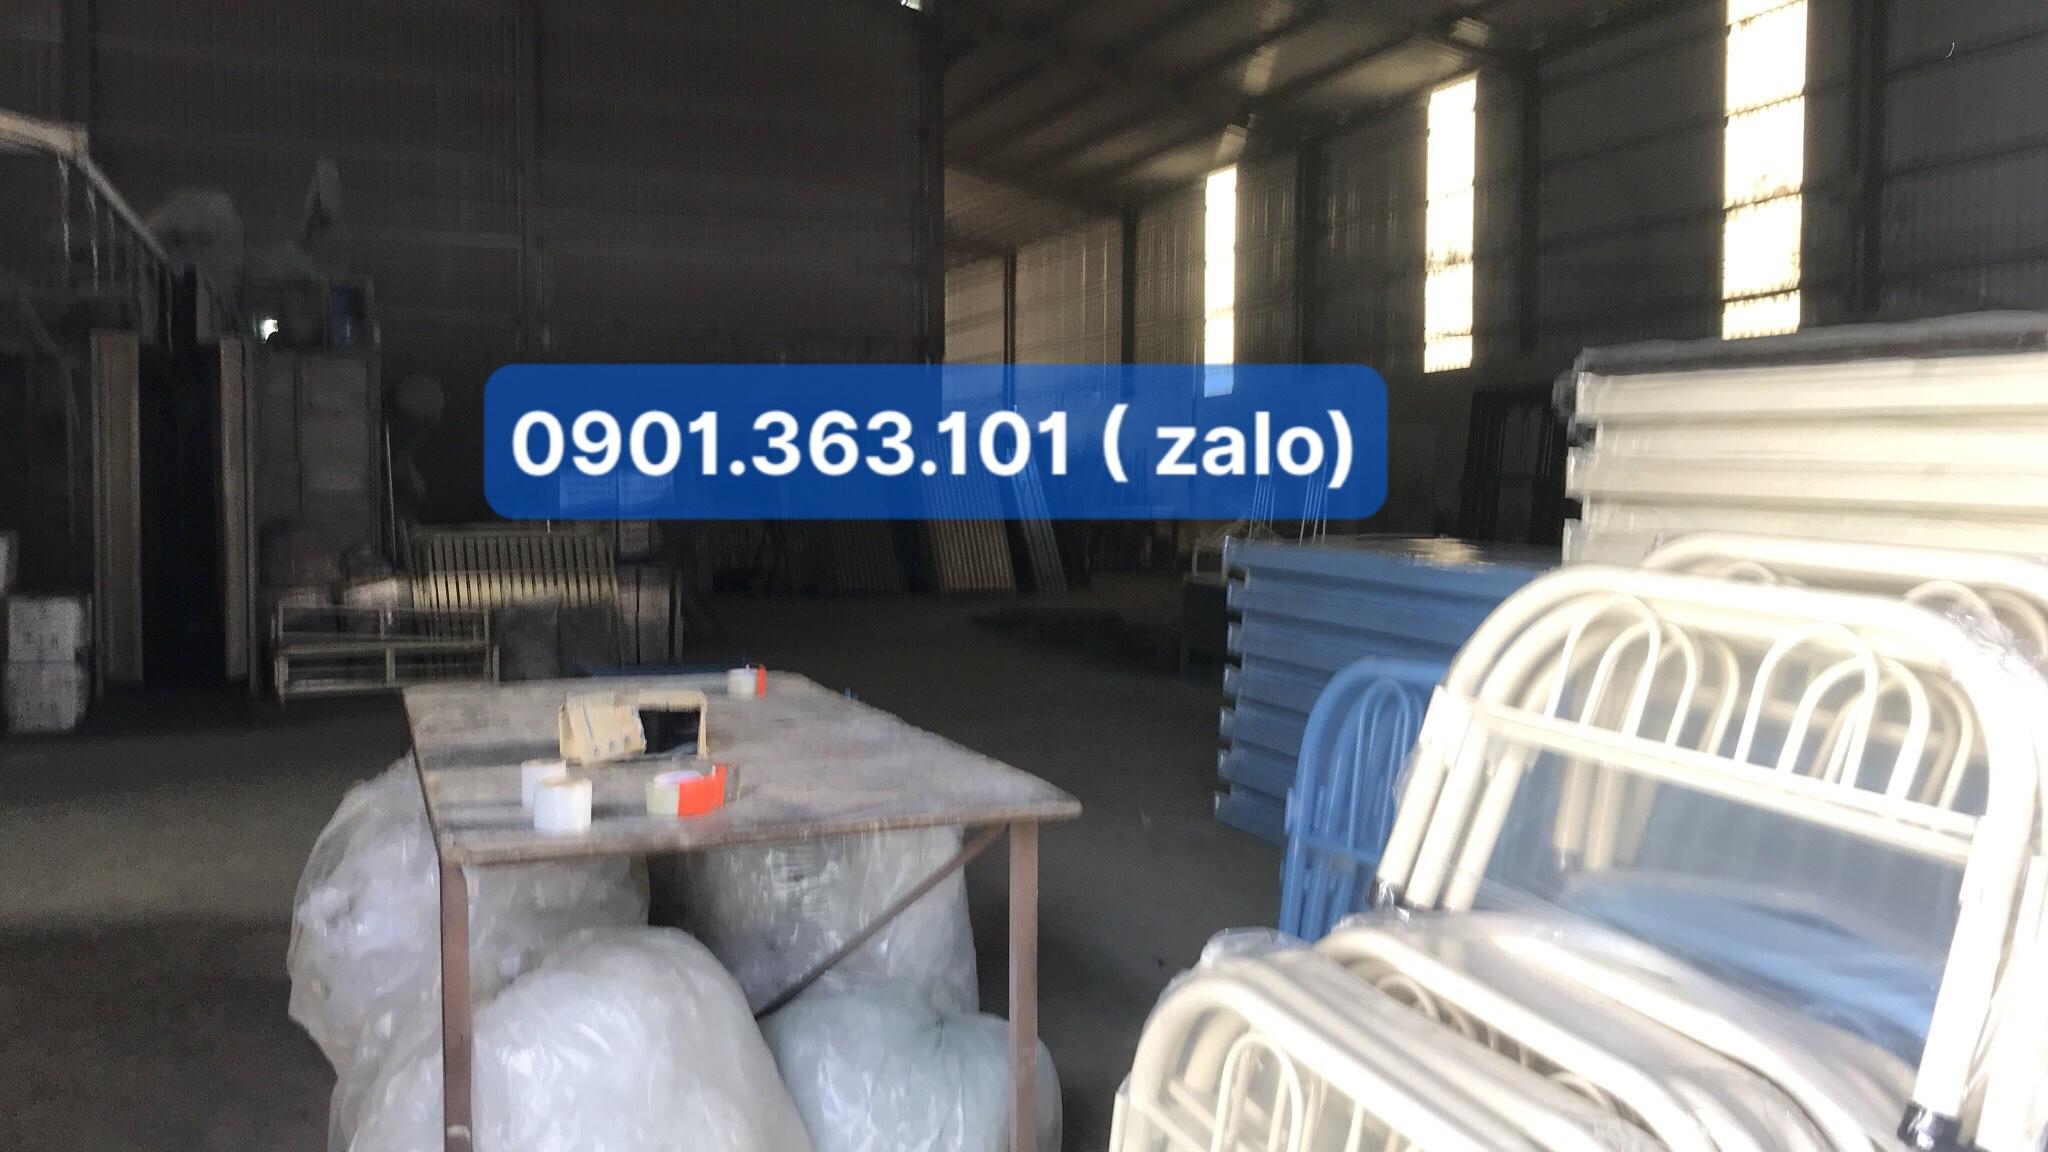 Z2545513192911 780514204b158f1697ab2e1be1bcc0e9